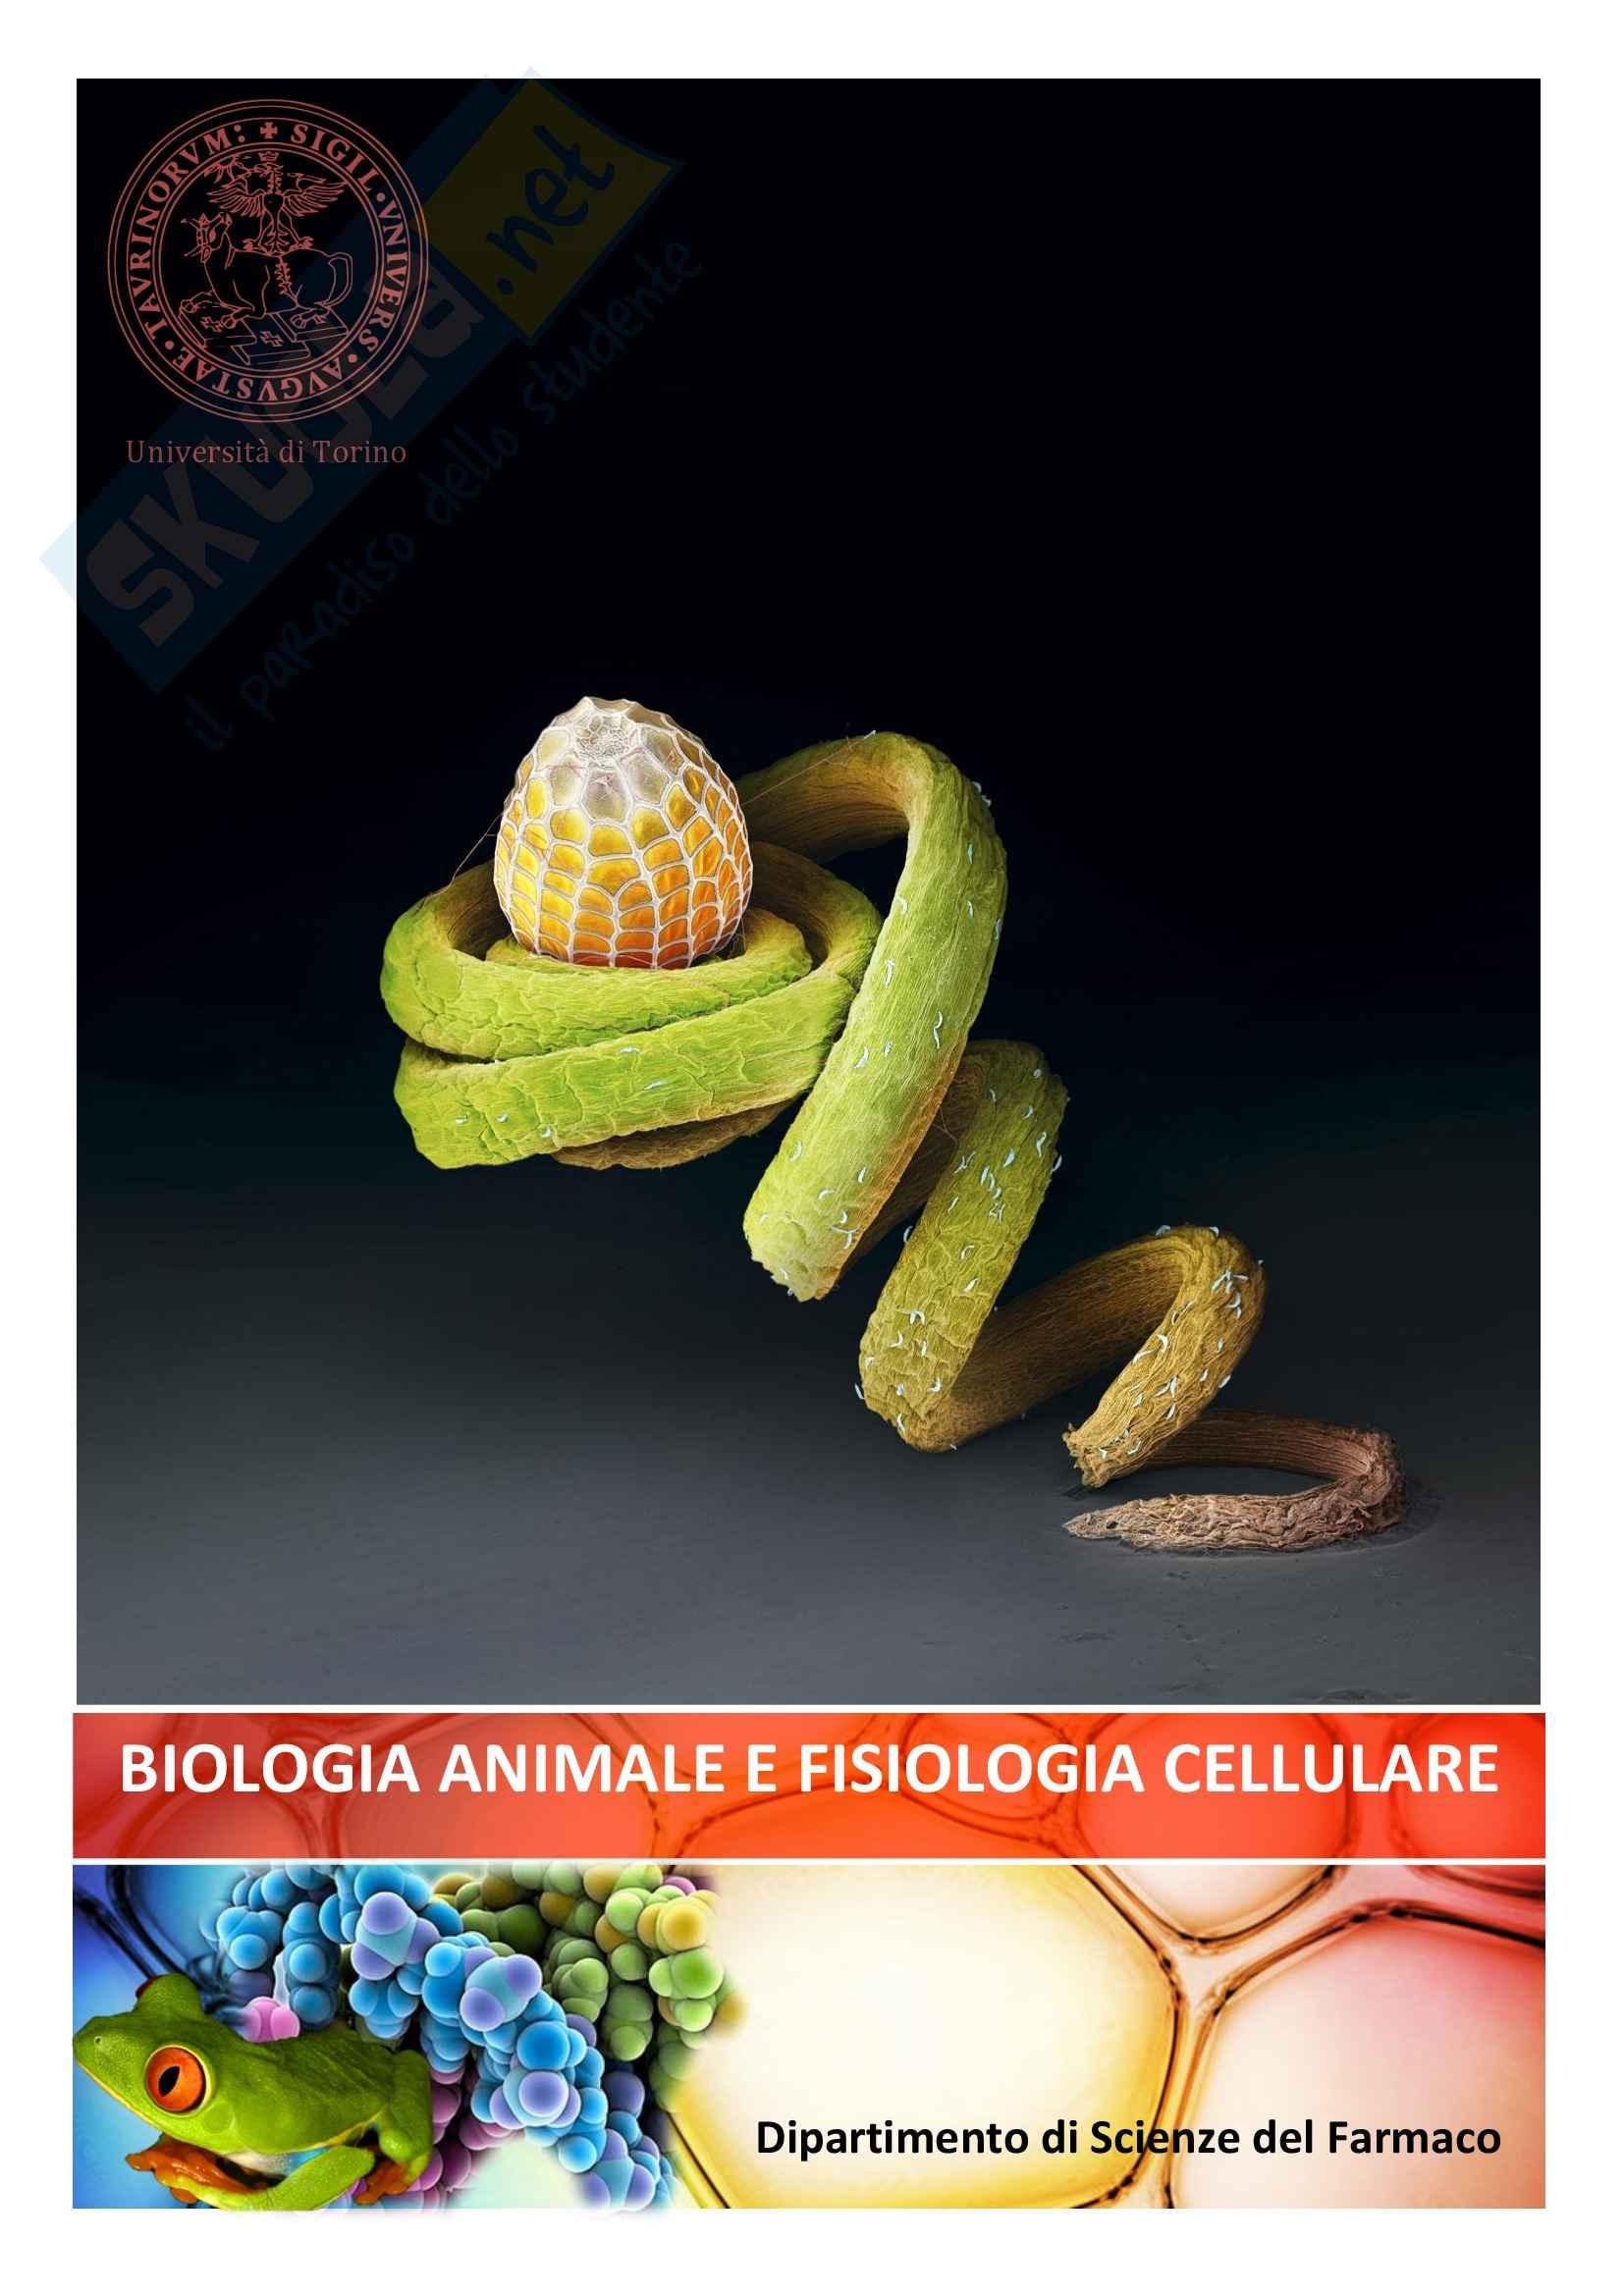 Biologia Animale e Fisiologia - Appunti